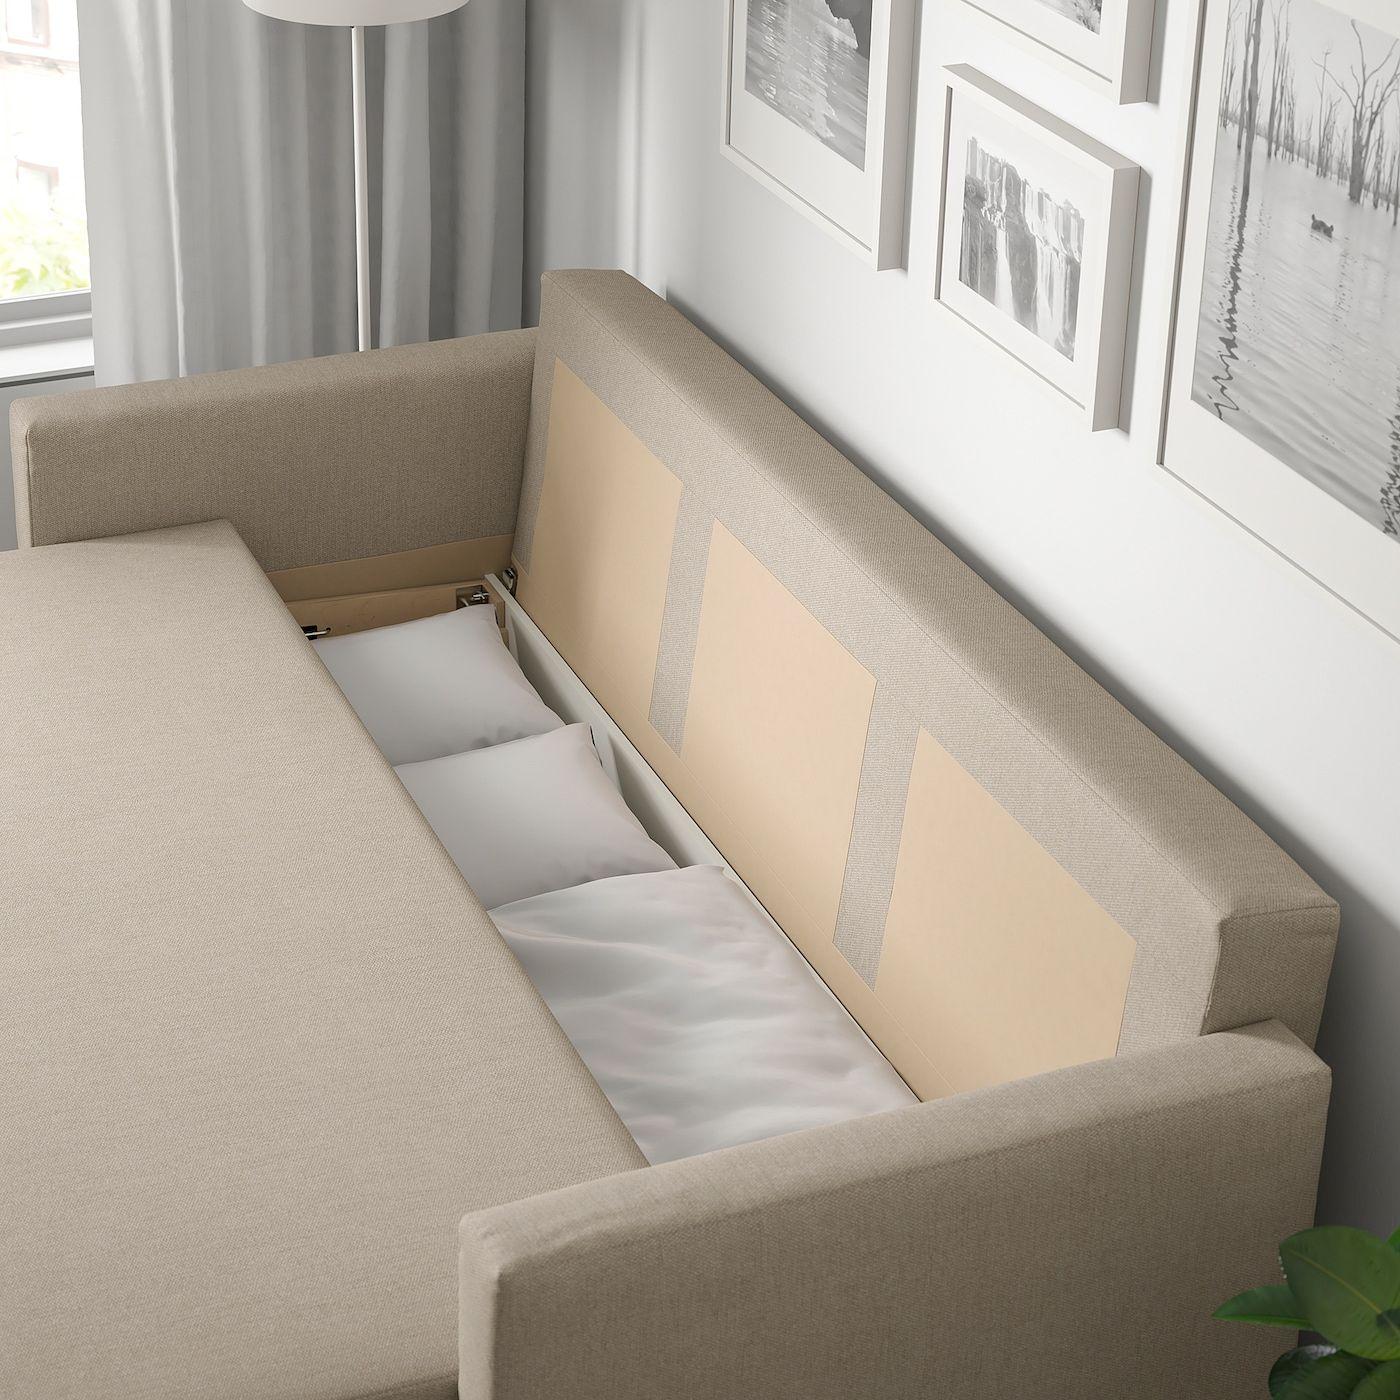 Friheten 3er Bettsofa Hyllie Beige Ikea Osterreich In 2020 Friheten Sofa Bed Friheten Sofa Sofa Bed